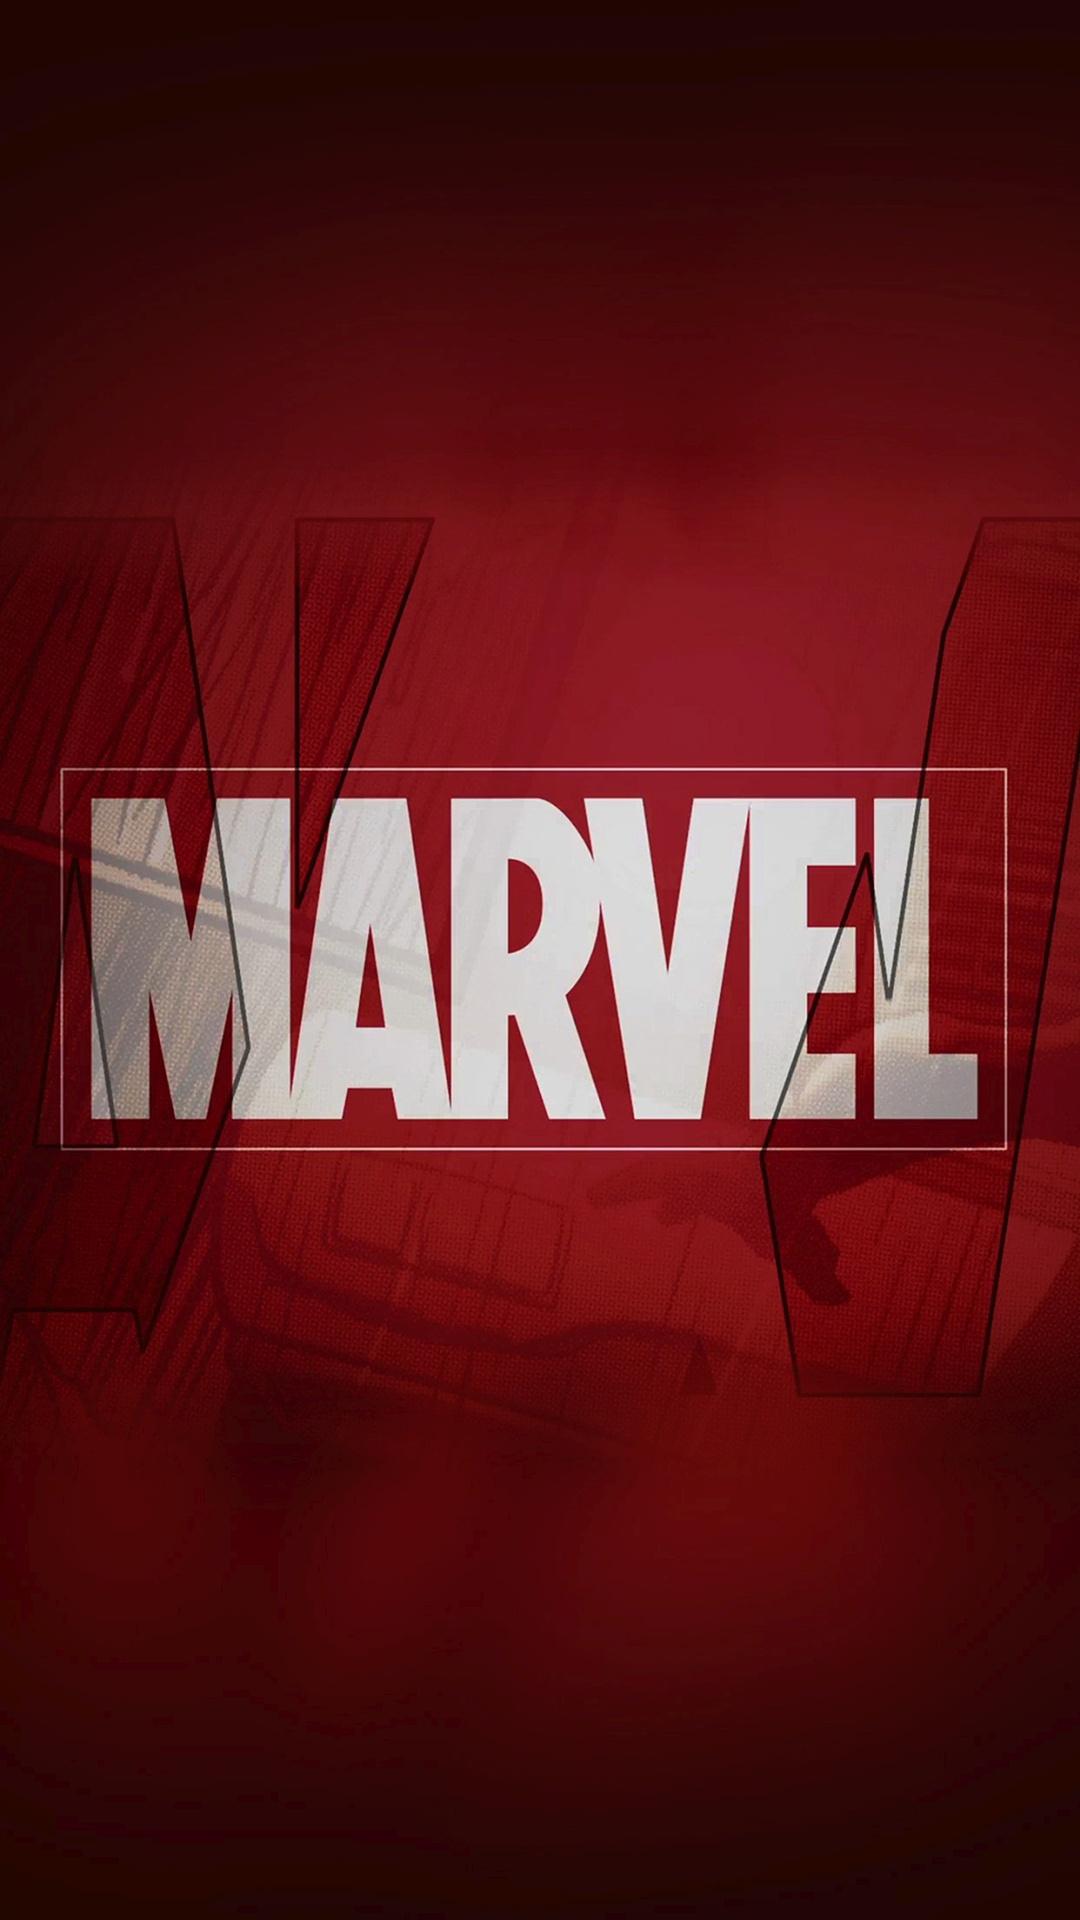 Marvel Comics Logo iPhone 6 HD Wallpaper iPod Wallpaper HD 1080x1920